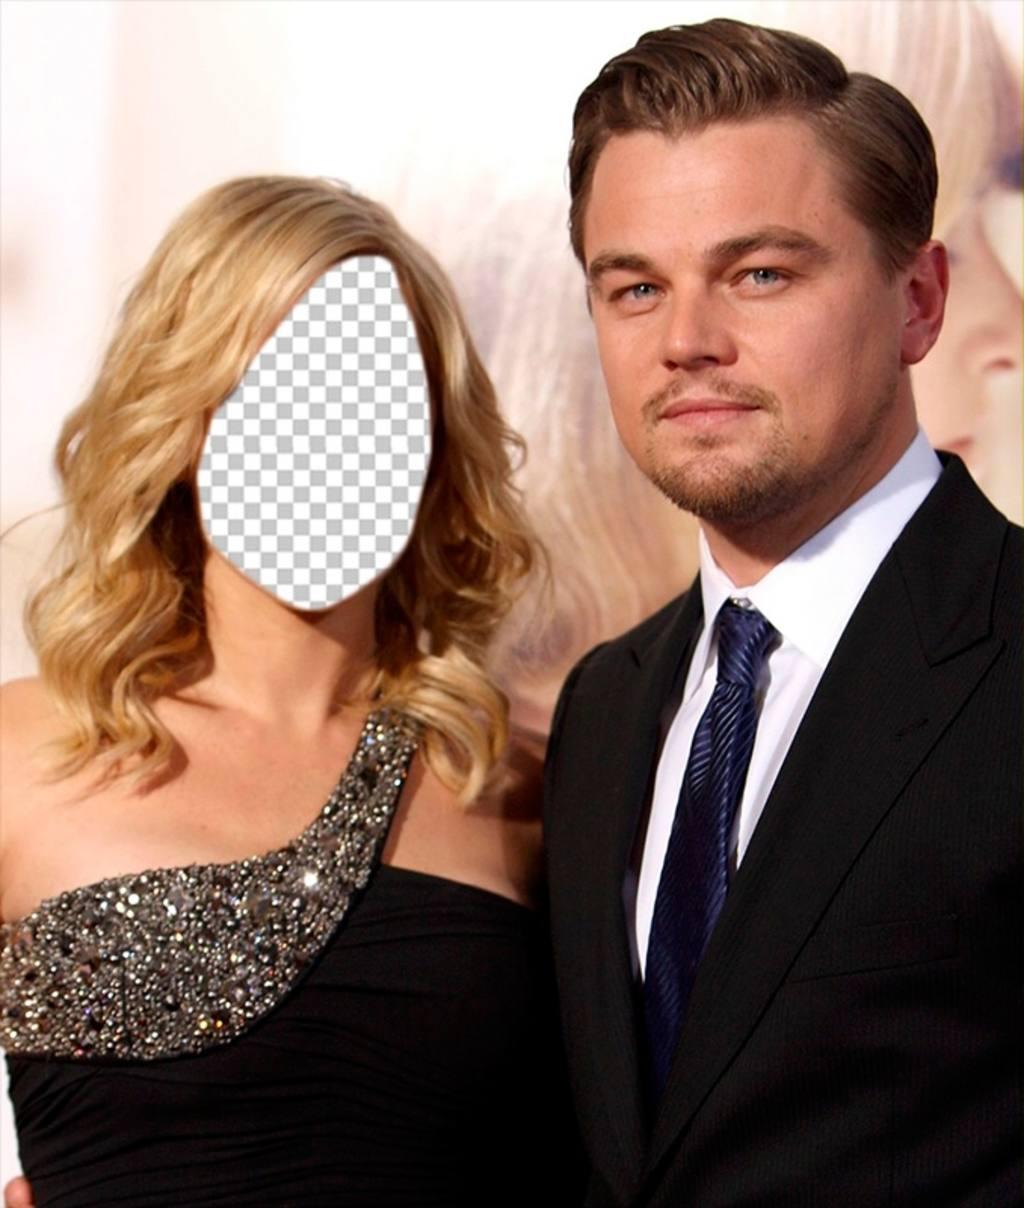 Final, Leonardo dicaprio sex shows